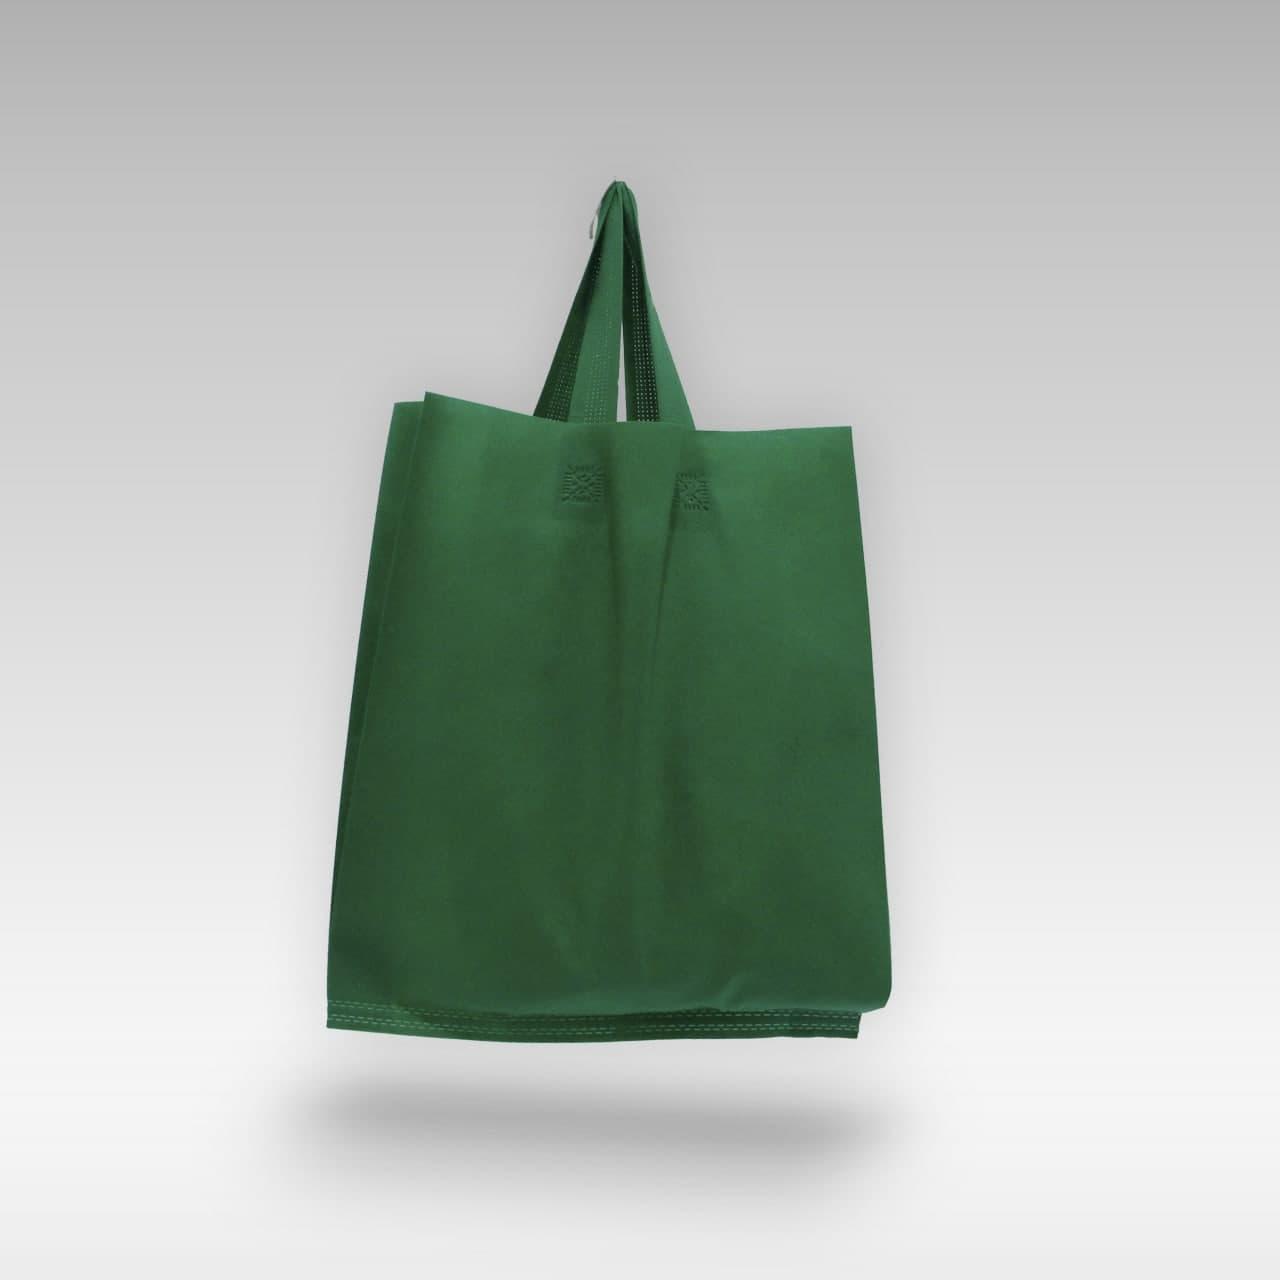 Jual Goodie Bag Polos Terdekat